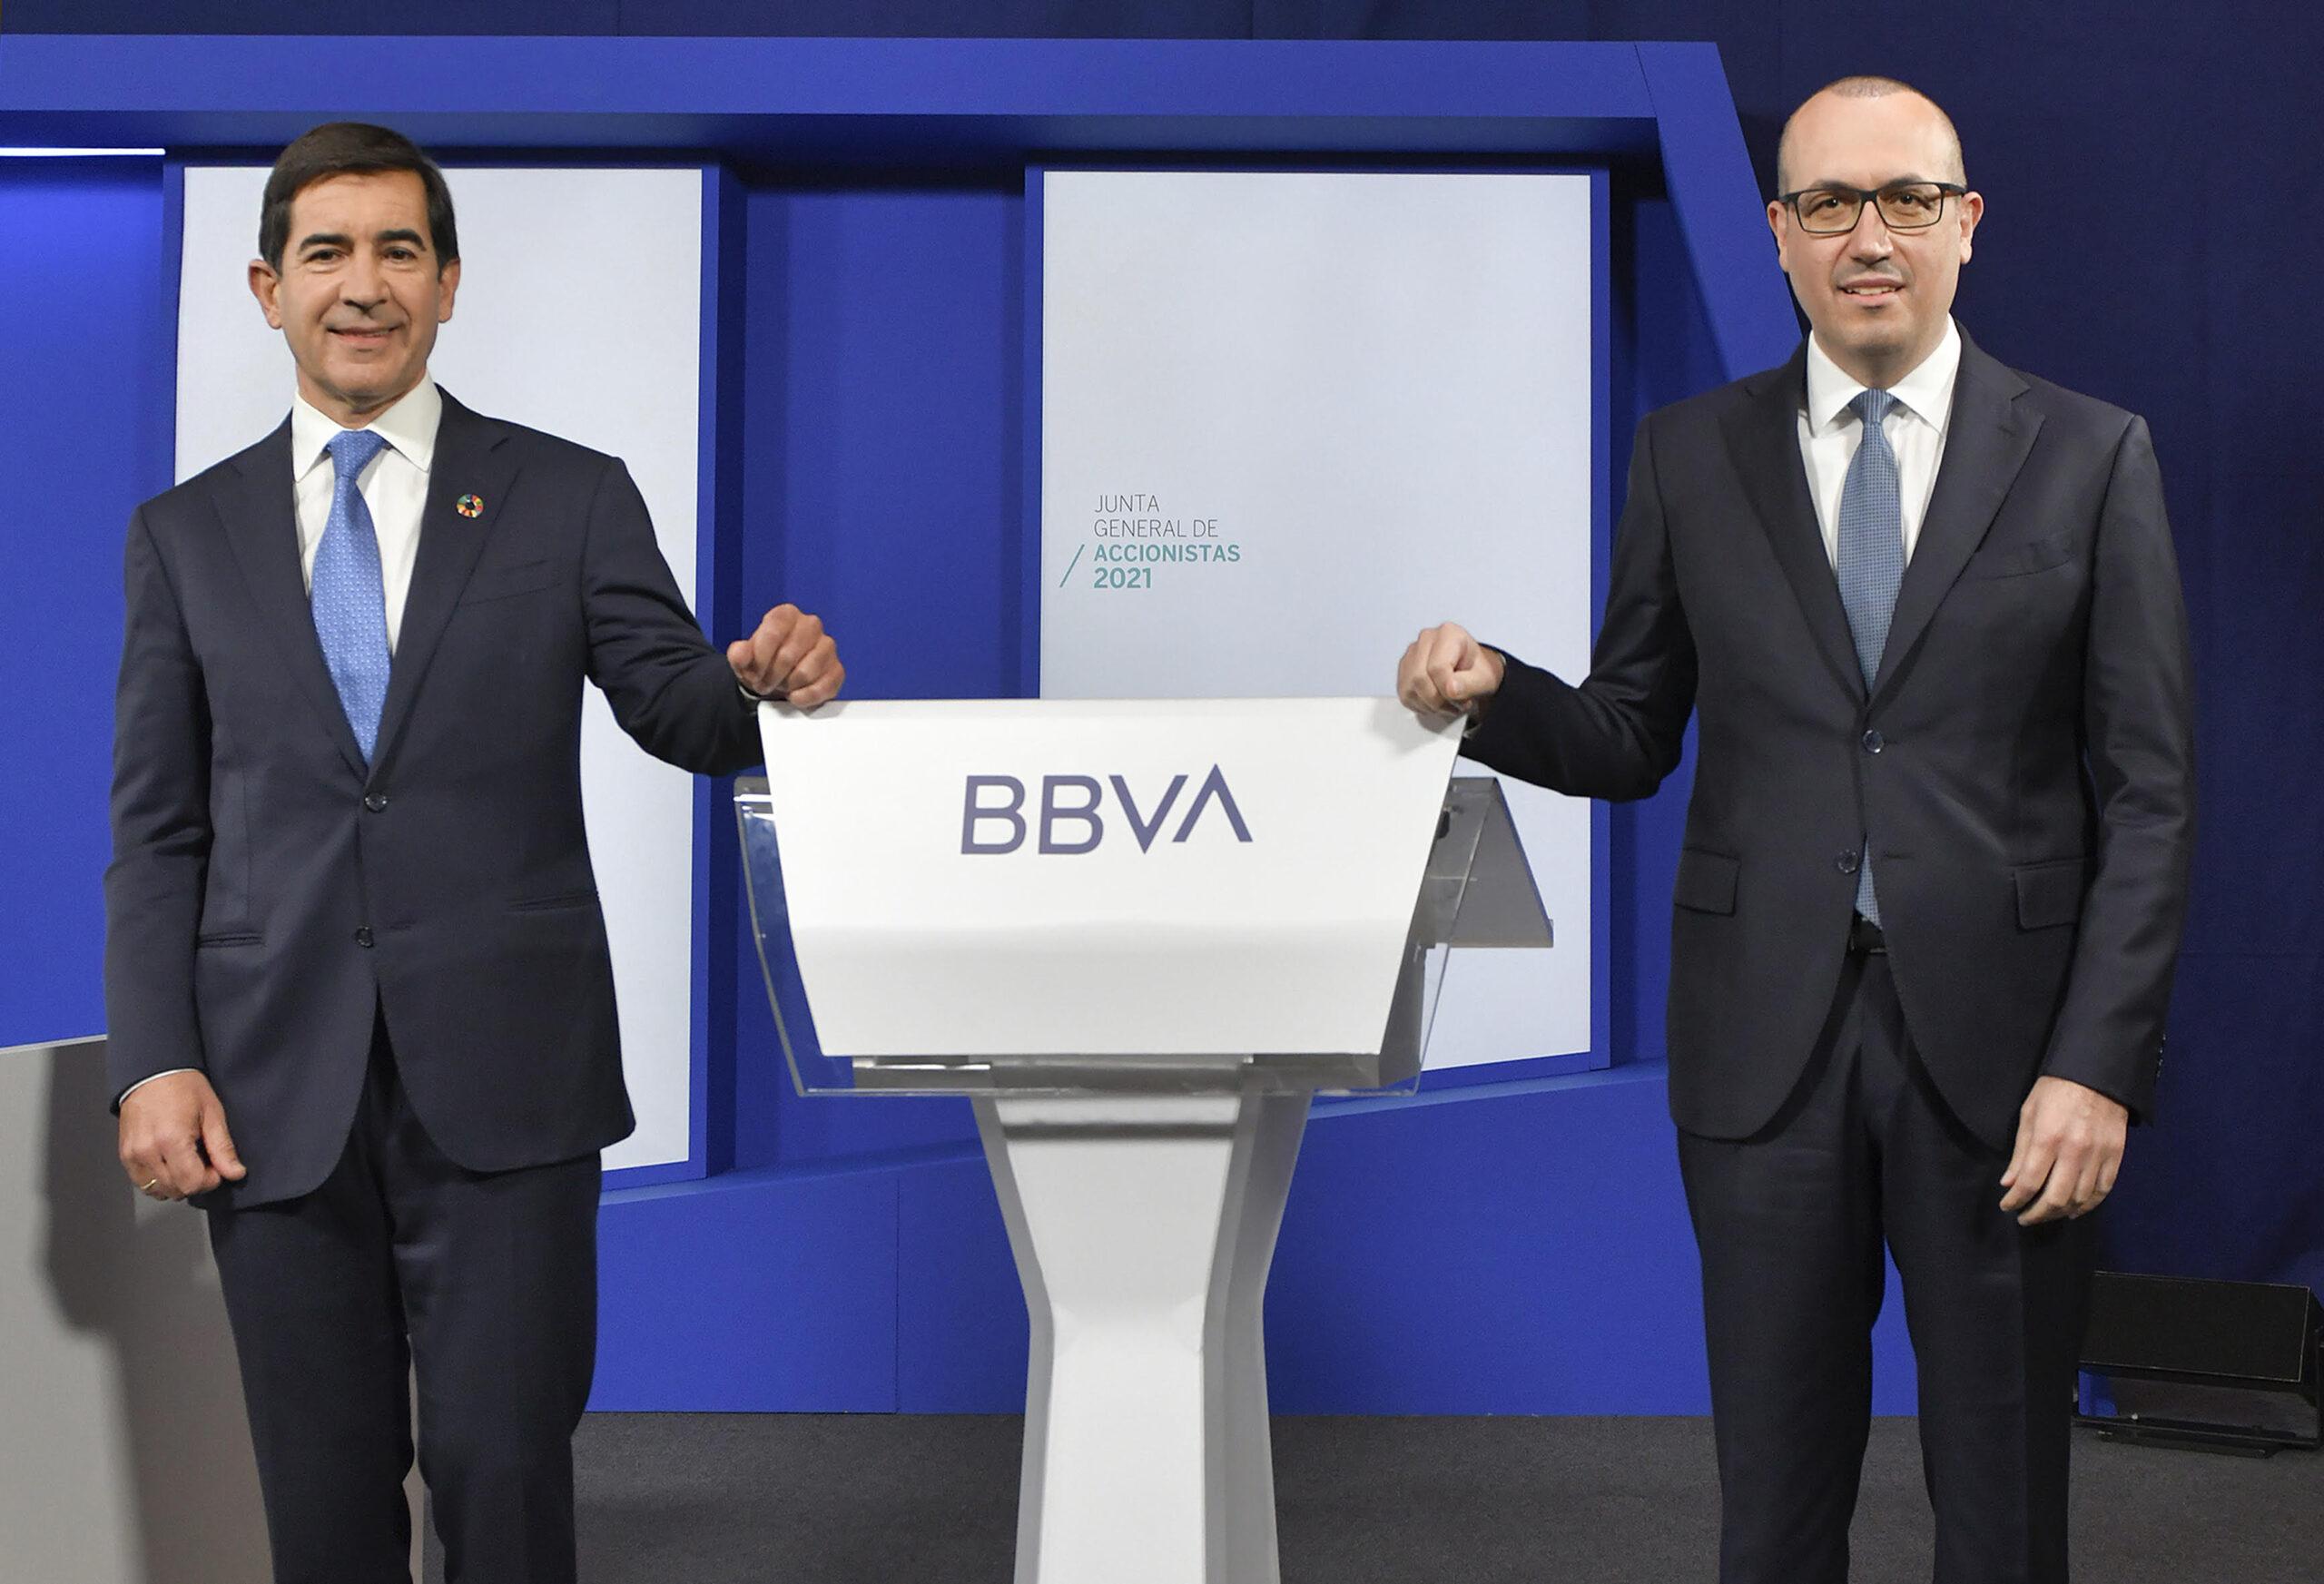 Junta-General-Accionistas-2021-BBVA-Carlos-Torres-Vila-Onur-Genc